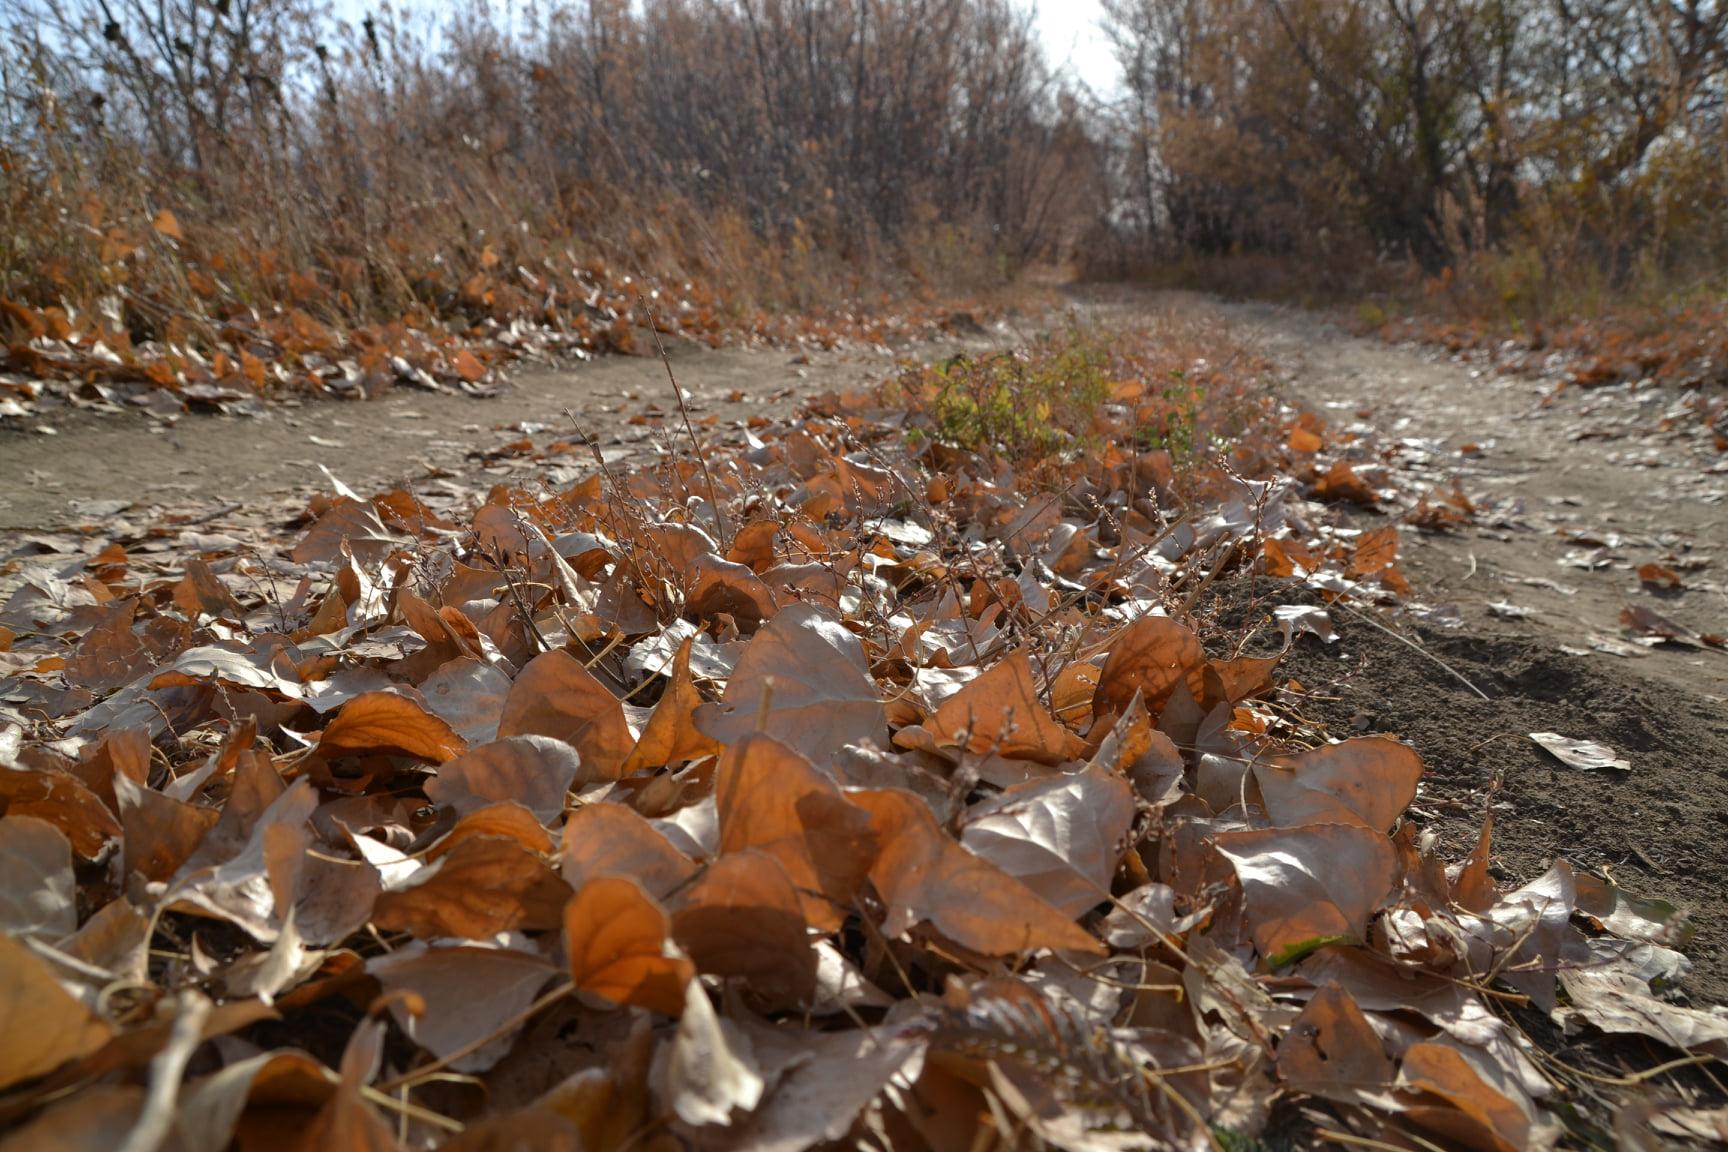 Дендропарк под листьями. Фотографии уральского берега от Ольги Шейдт